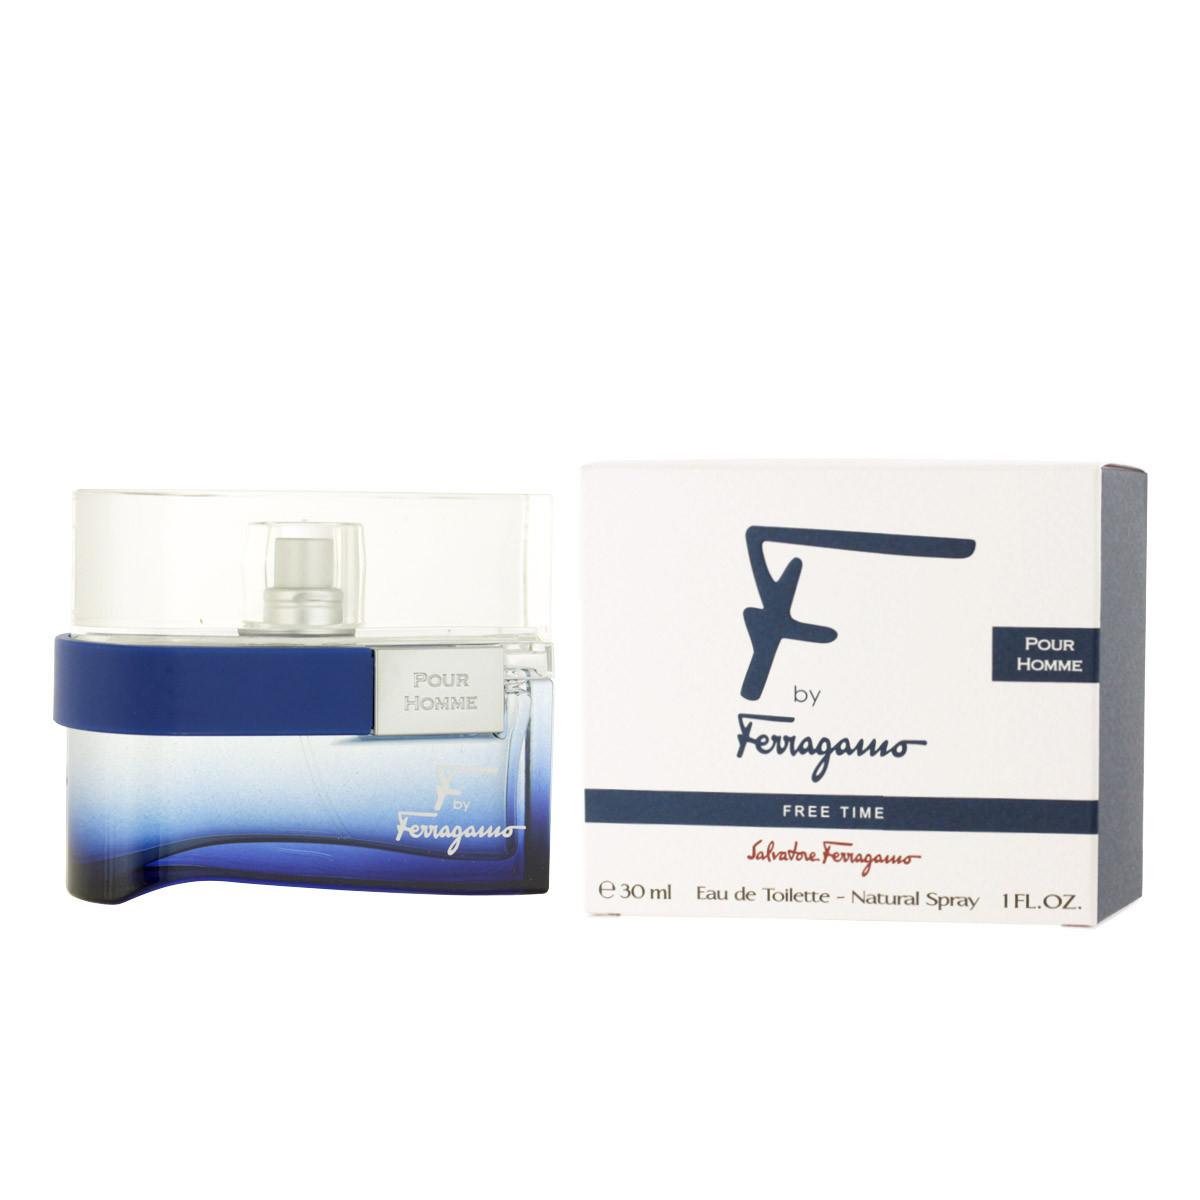 Salvatore Ferragamo F by Ferragamo Free Time Eau De Toilette 30 ml (man) dcc7d42a45